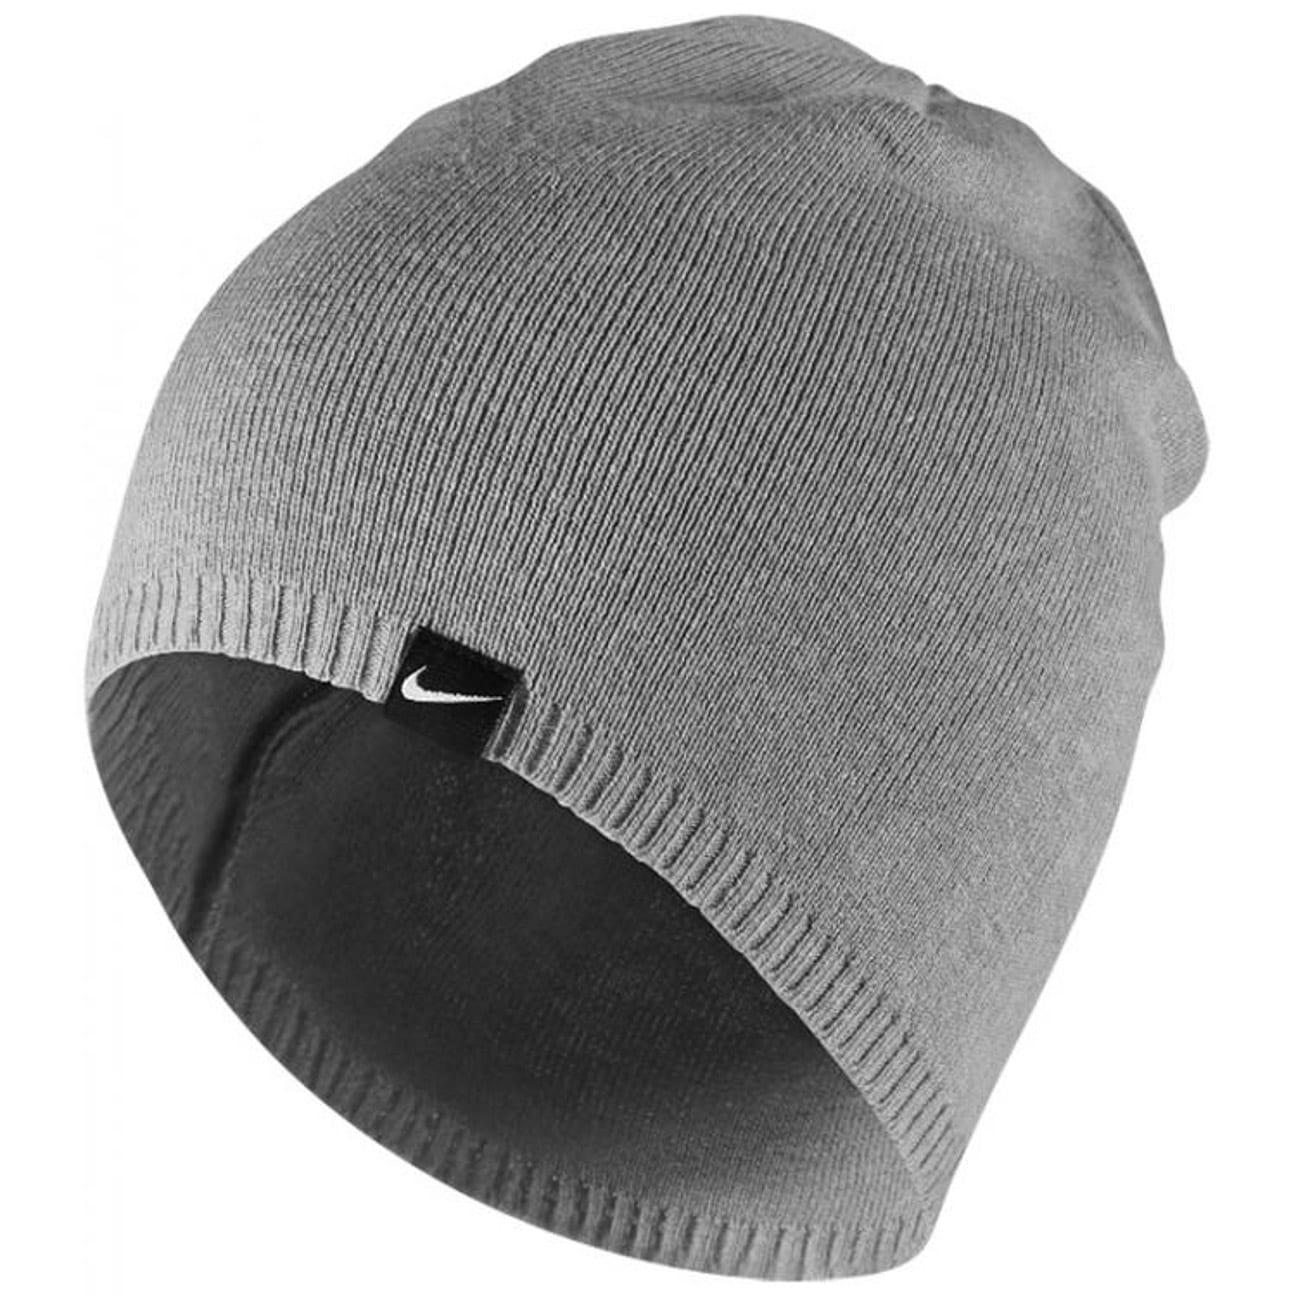 d49913b1ebe52 Sombrero Pescador by Nike - Gorros - sombreroshop.es